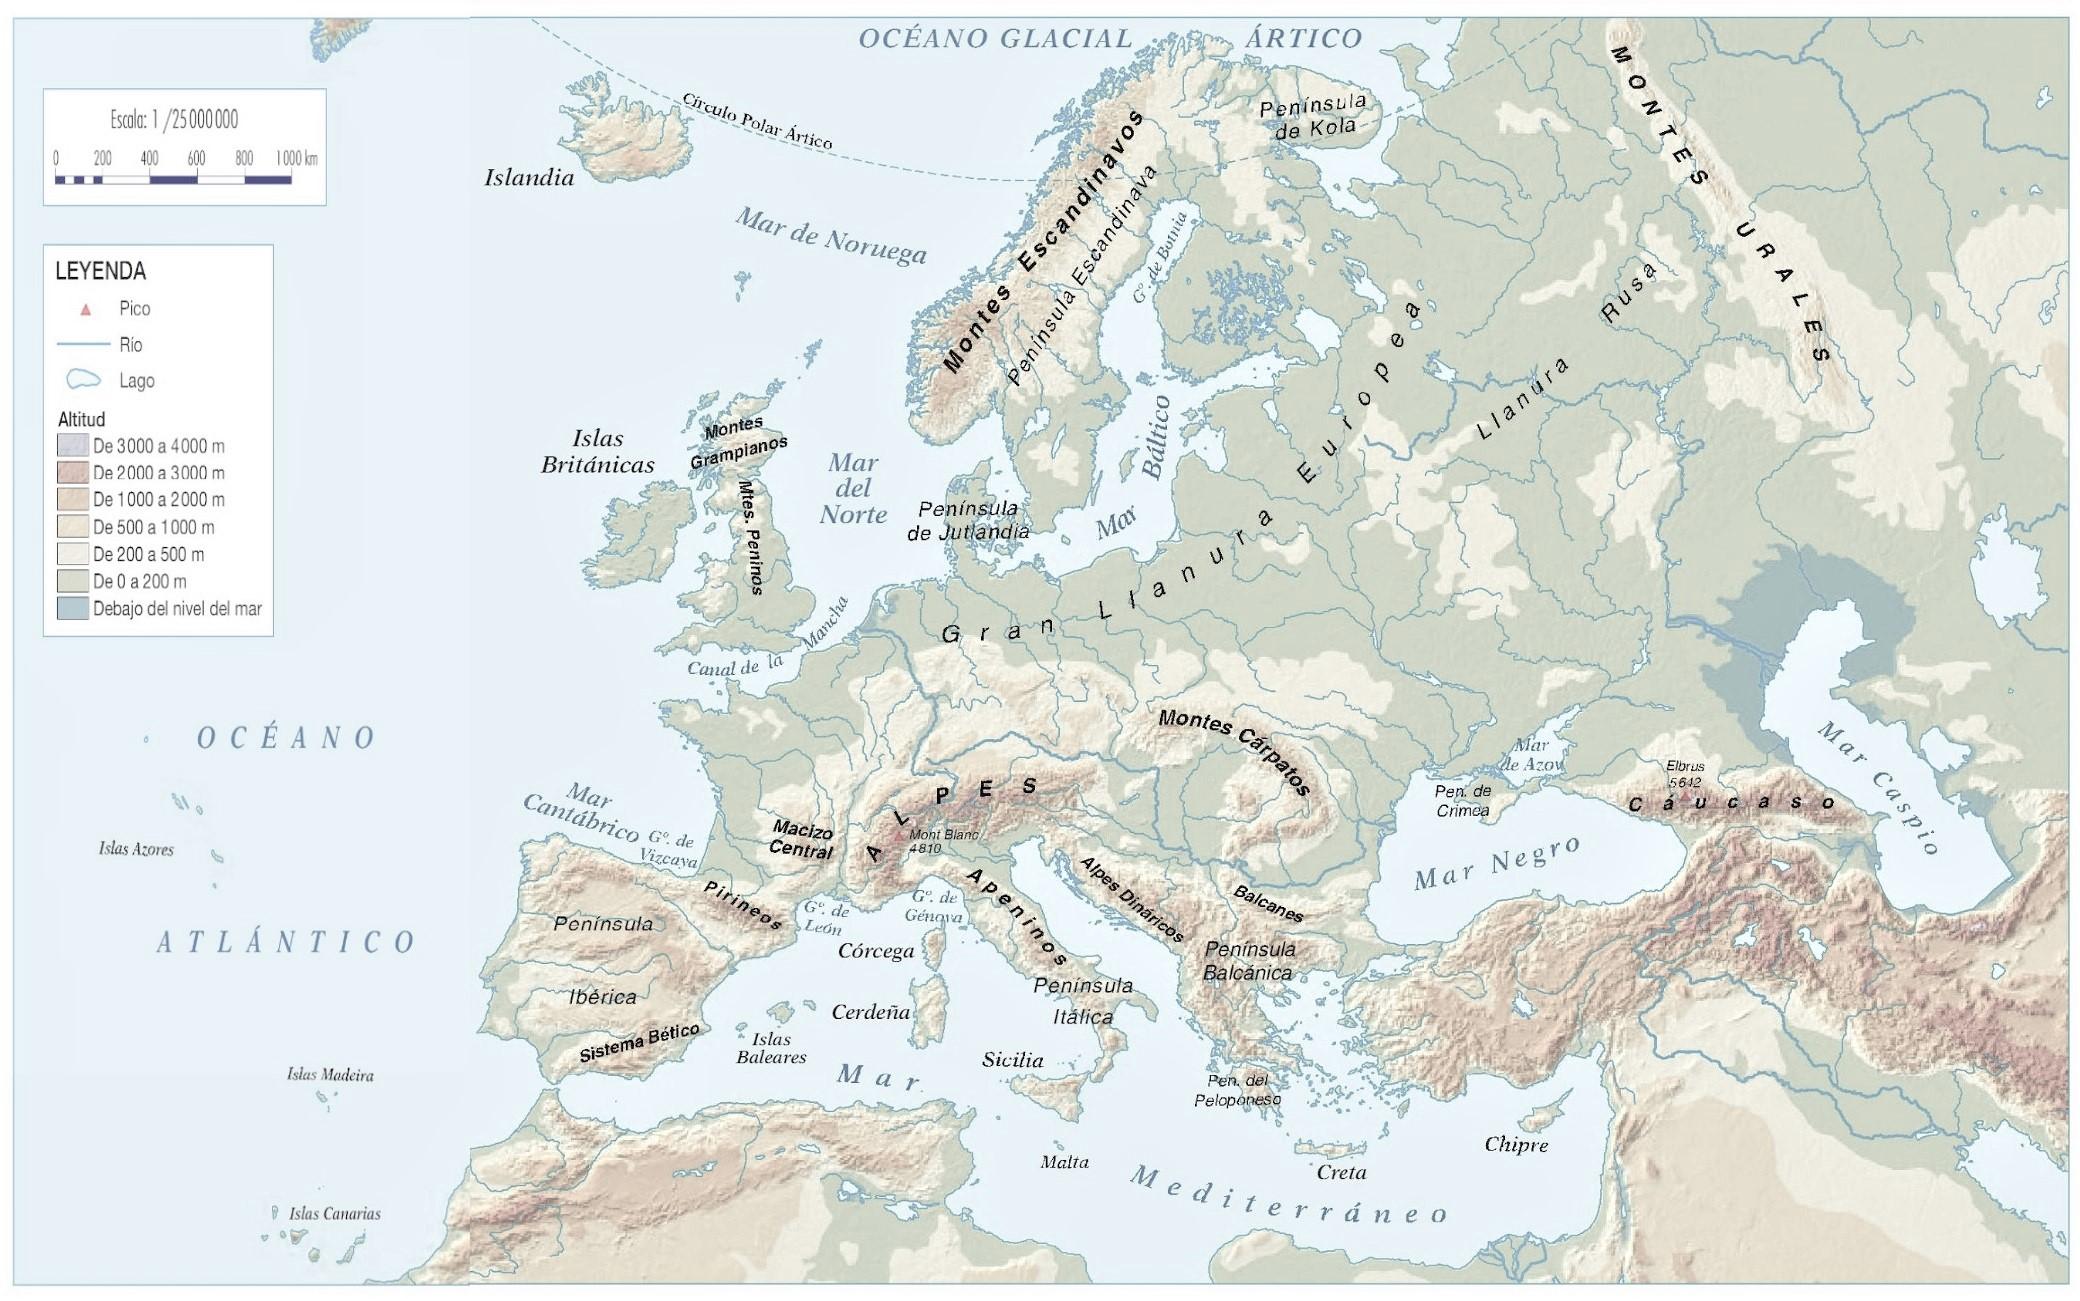 Mapa Fisico De Oceania Mudo Para Imprimir En Blanco Y Negro.Mapa De Europa Mapamundi Para Imprimir Politico